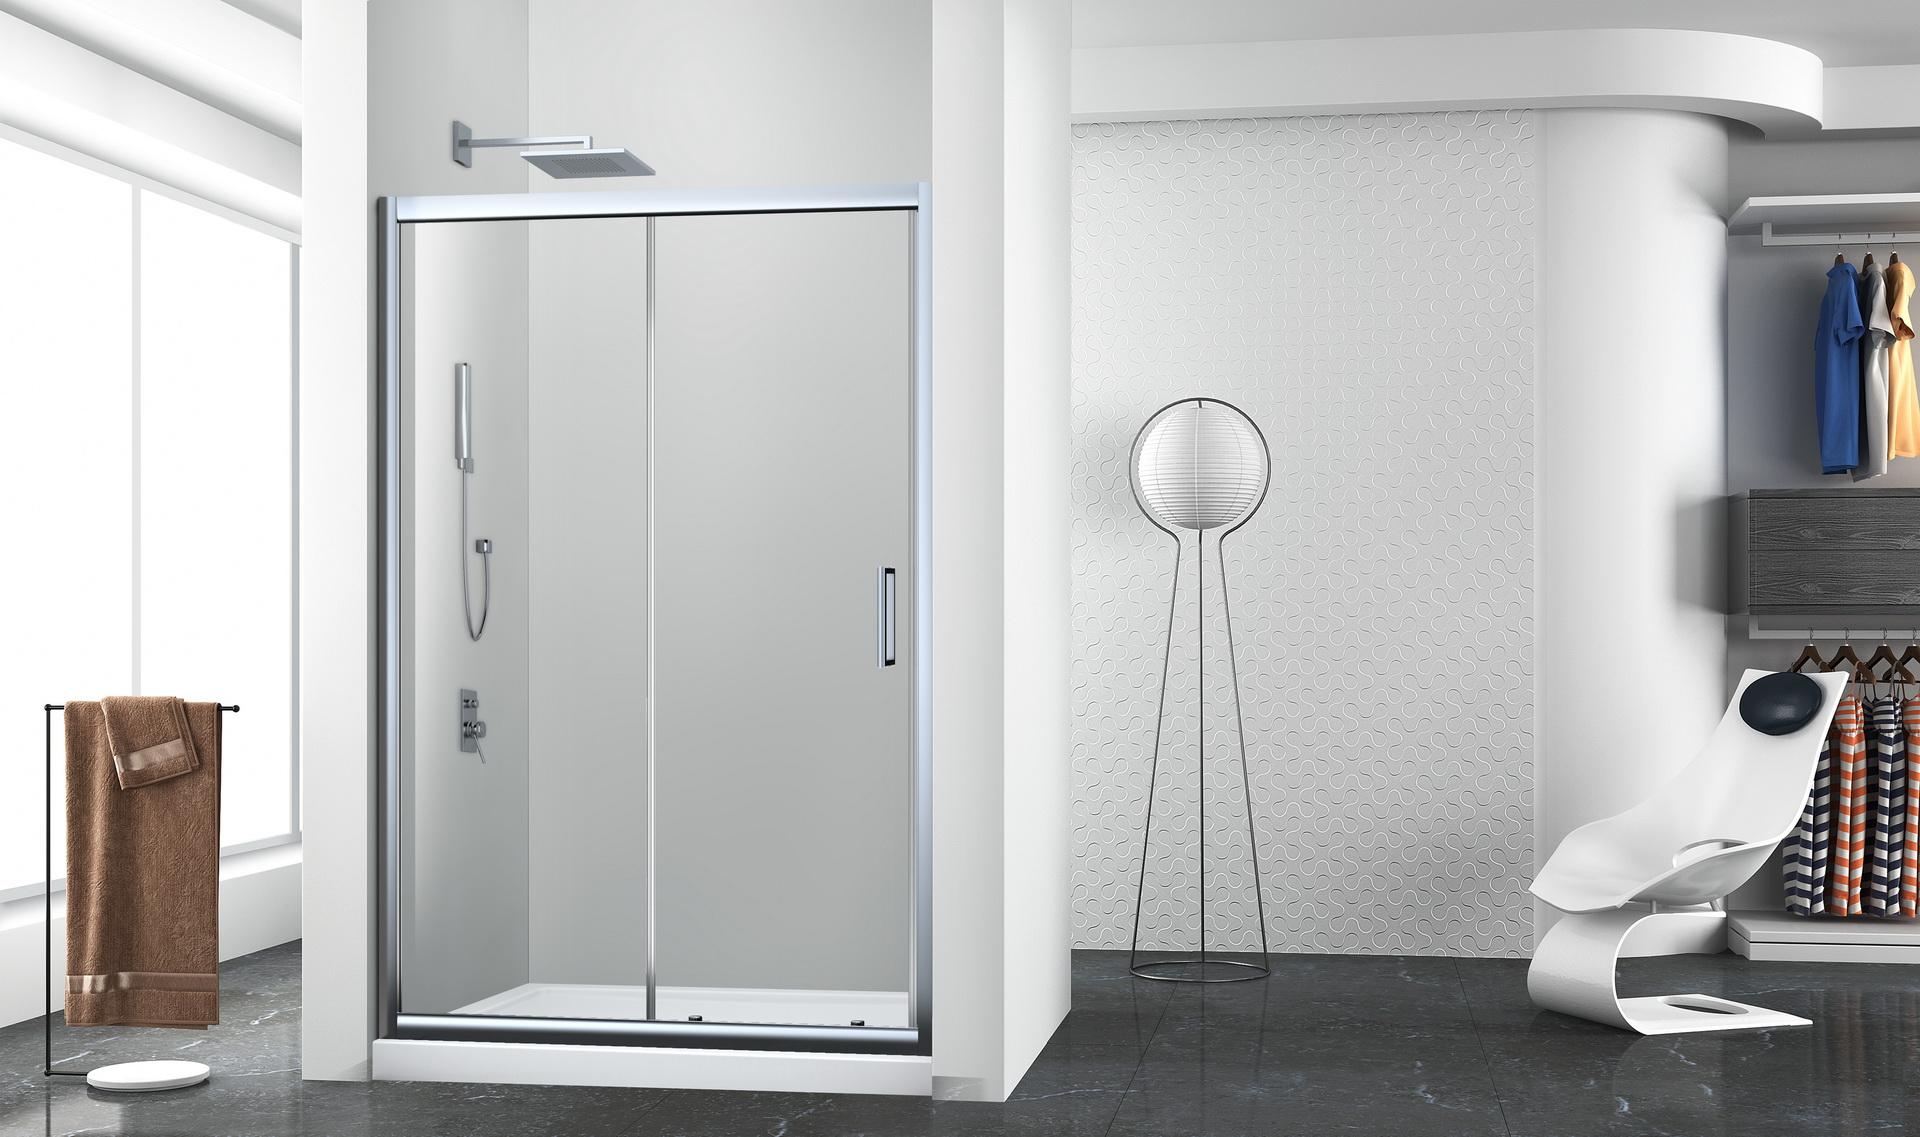 X04sc01 x series shower doors